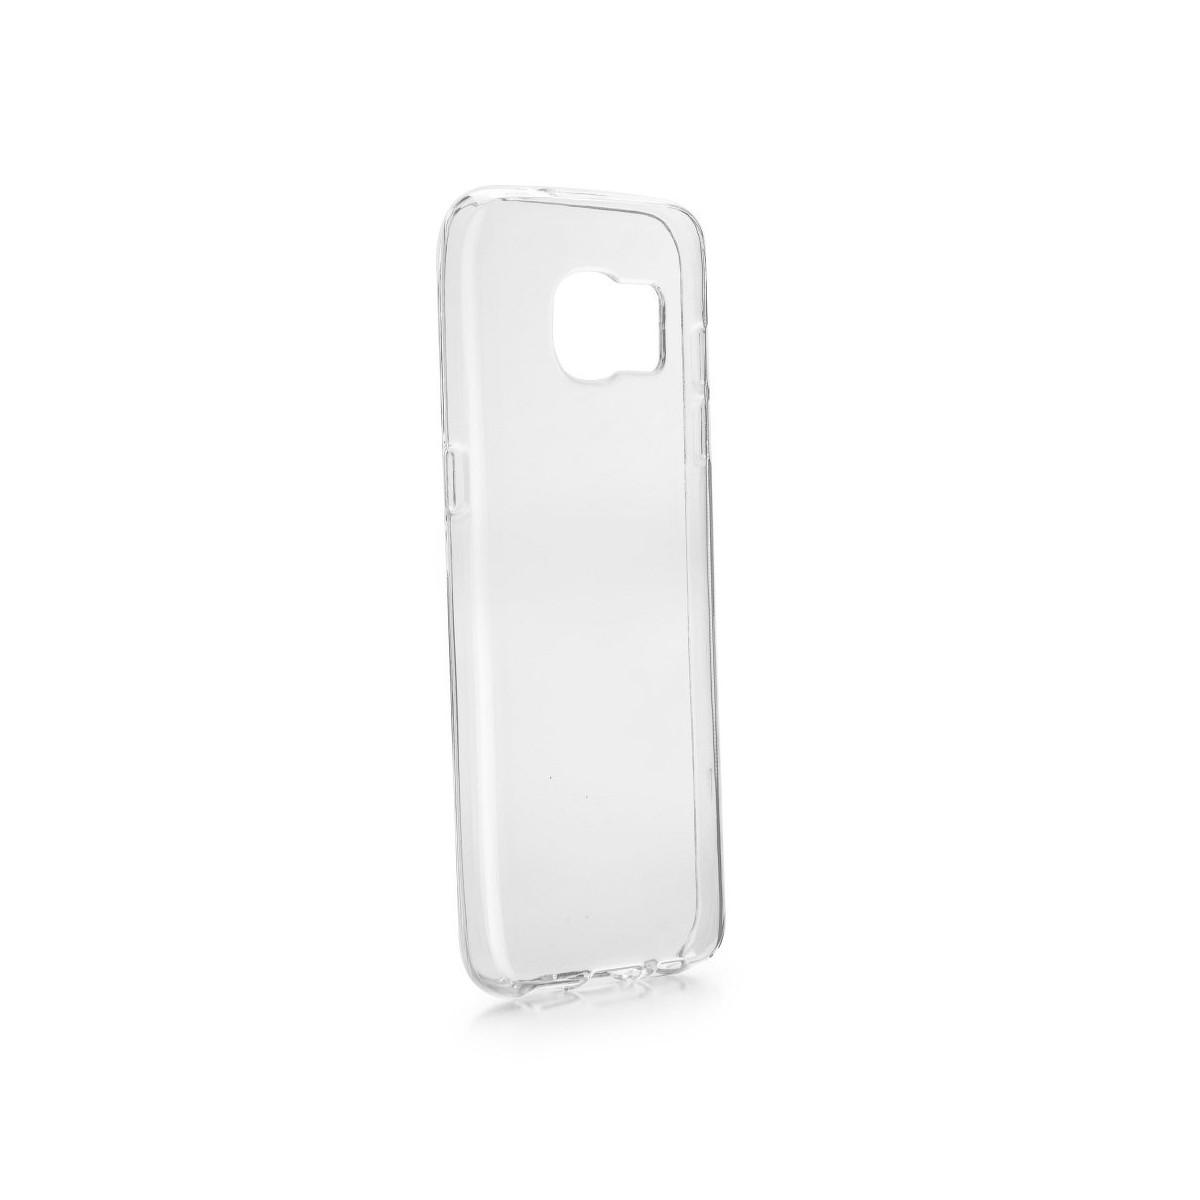 Coque Galaxy S7 Edge Transparente et Souple - Crazy Kase